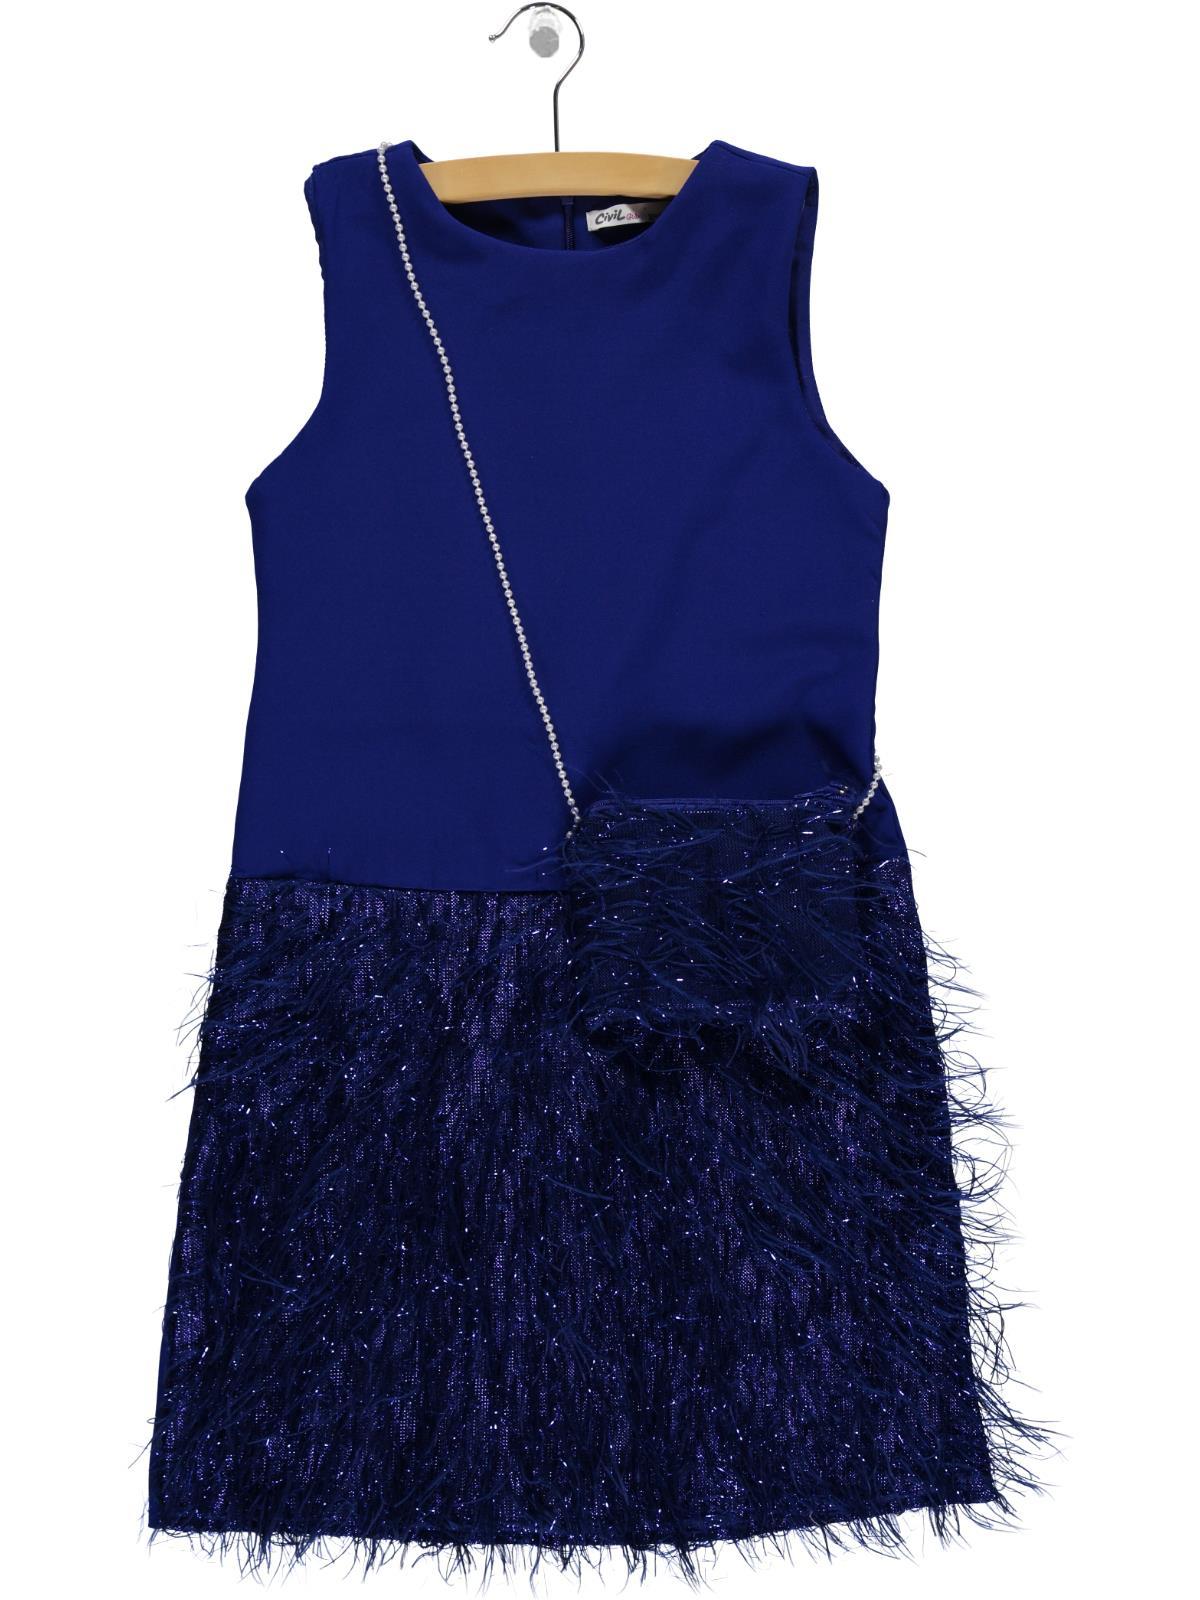 e65c2151ac716 119254 / SAK Civil Girls Kız Çocuk Çantalı Elbise 10-13 Yaş Saks Mavisi